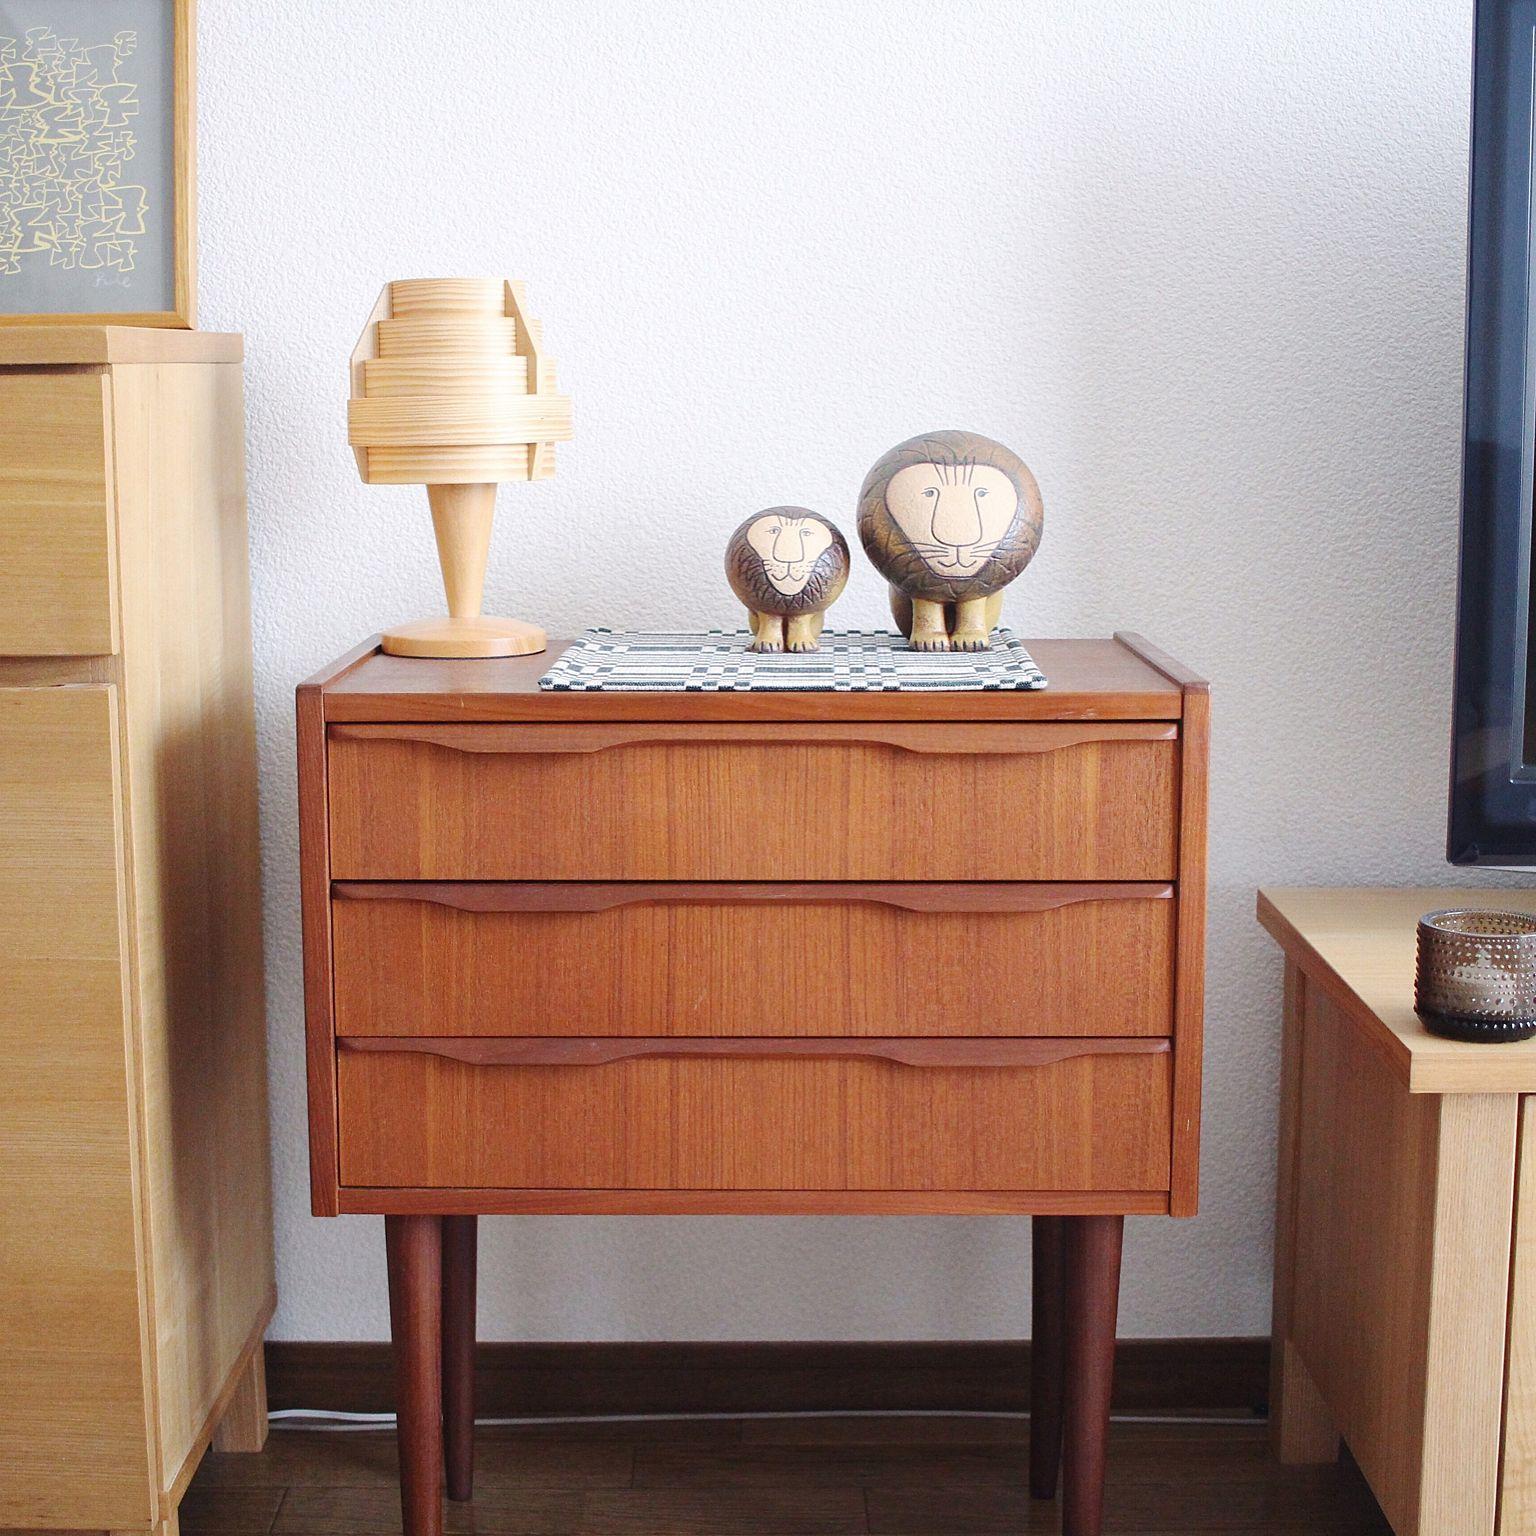 狭い部屋でも置ける可愛い家具【ミニチェスト】をご紹介します!のサムネイル画像